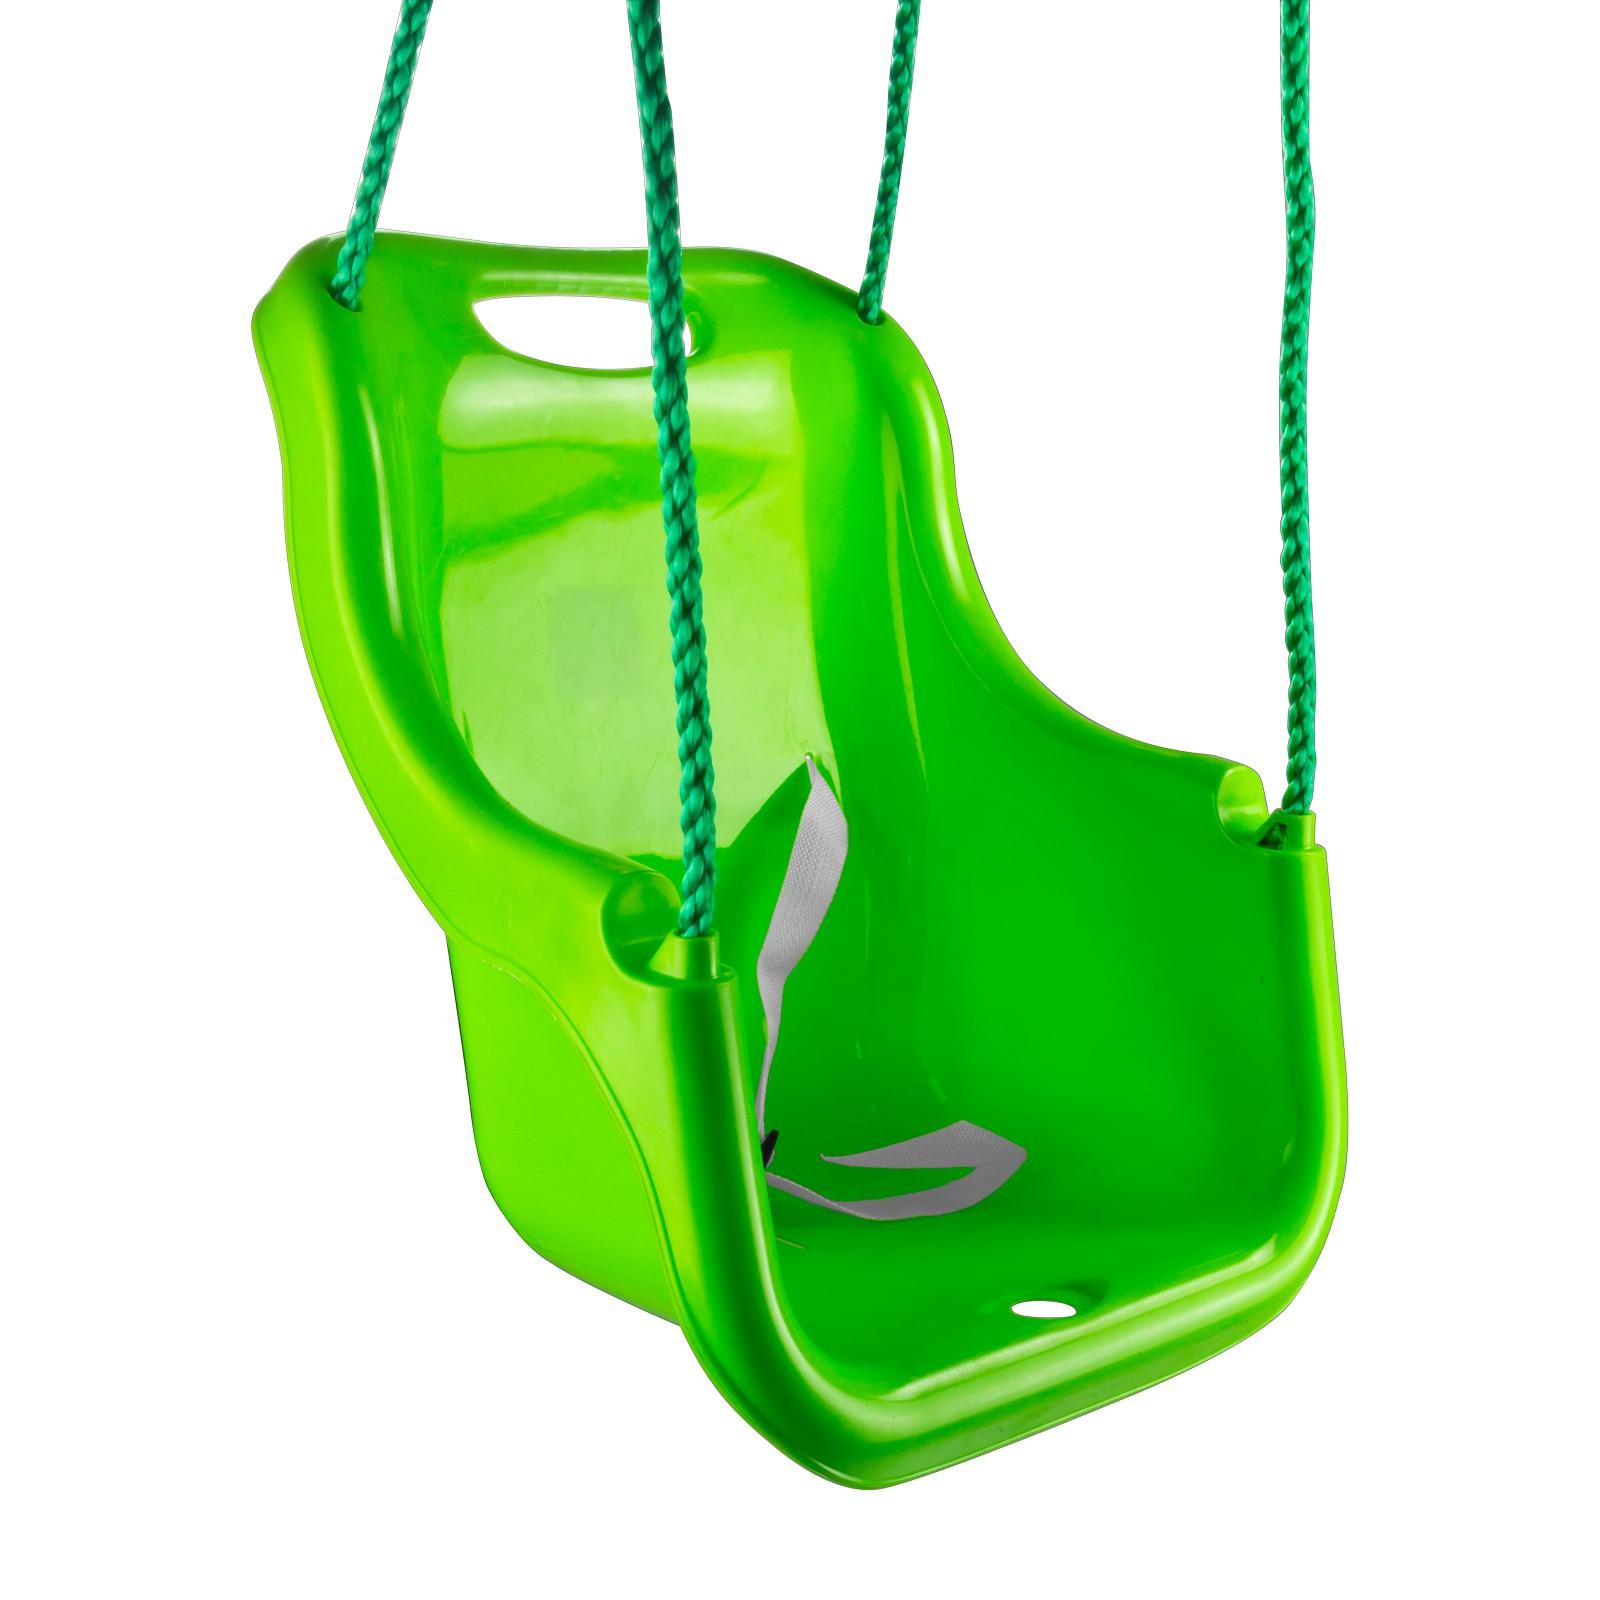 pvc babyschaukel schaukel kinderschaukel astschaukel mit seil gr n f r bis 25 kg. Black Bedroom Furniture Sets. Home Design Ideas